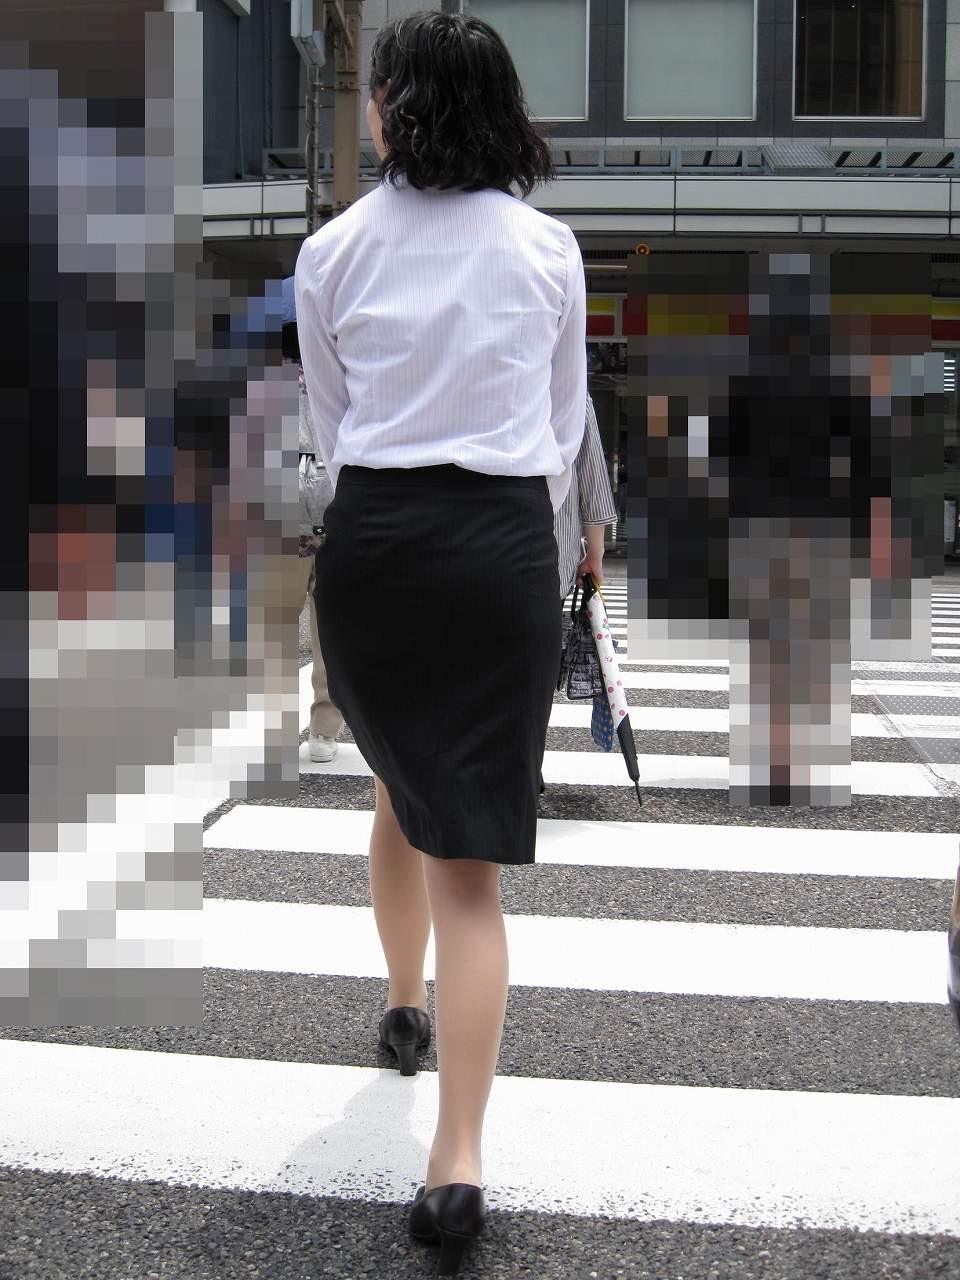 【着衣尻エロ画像】タイト最高!お尻の大きさ形が丸判りになる正装だなんてwww 09